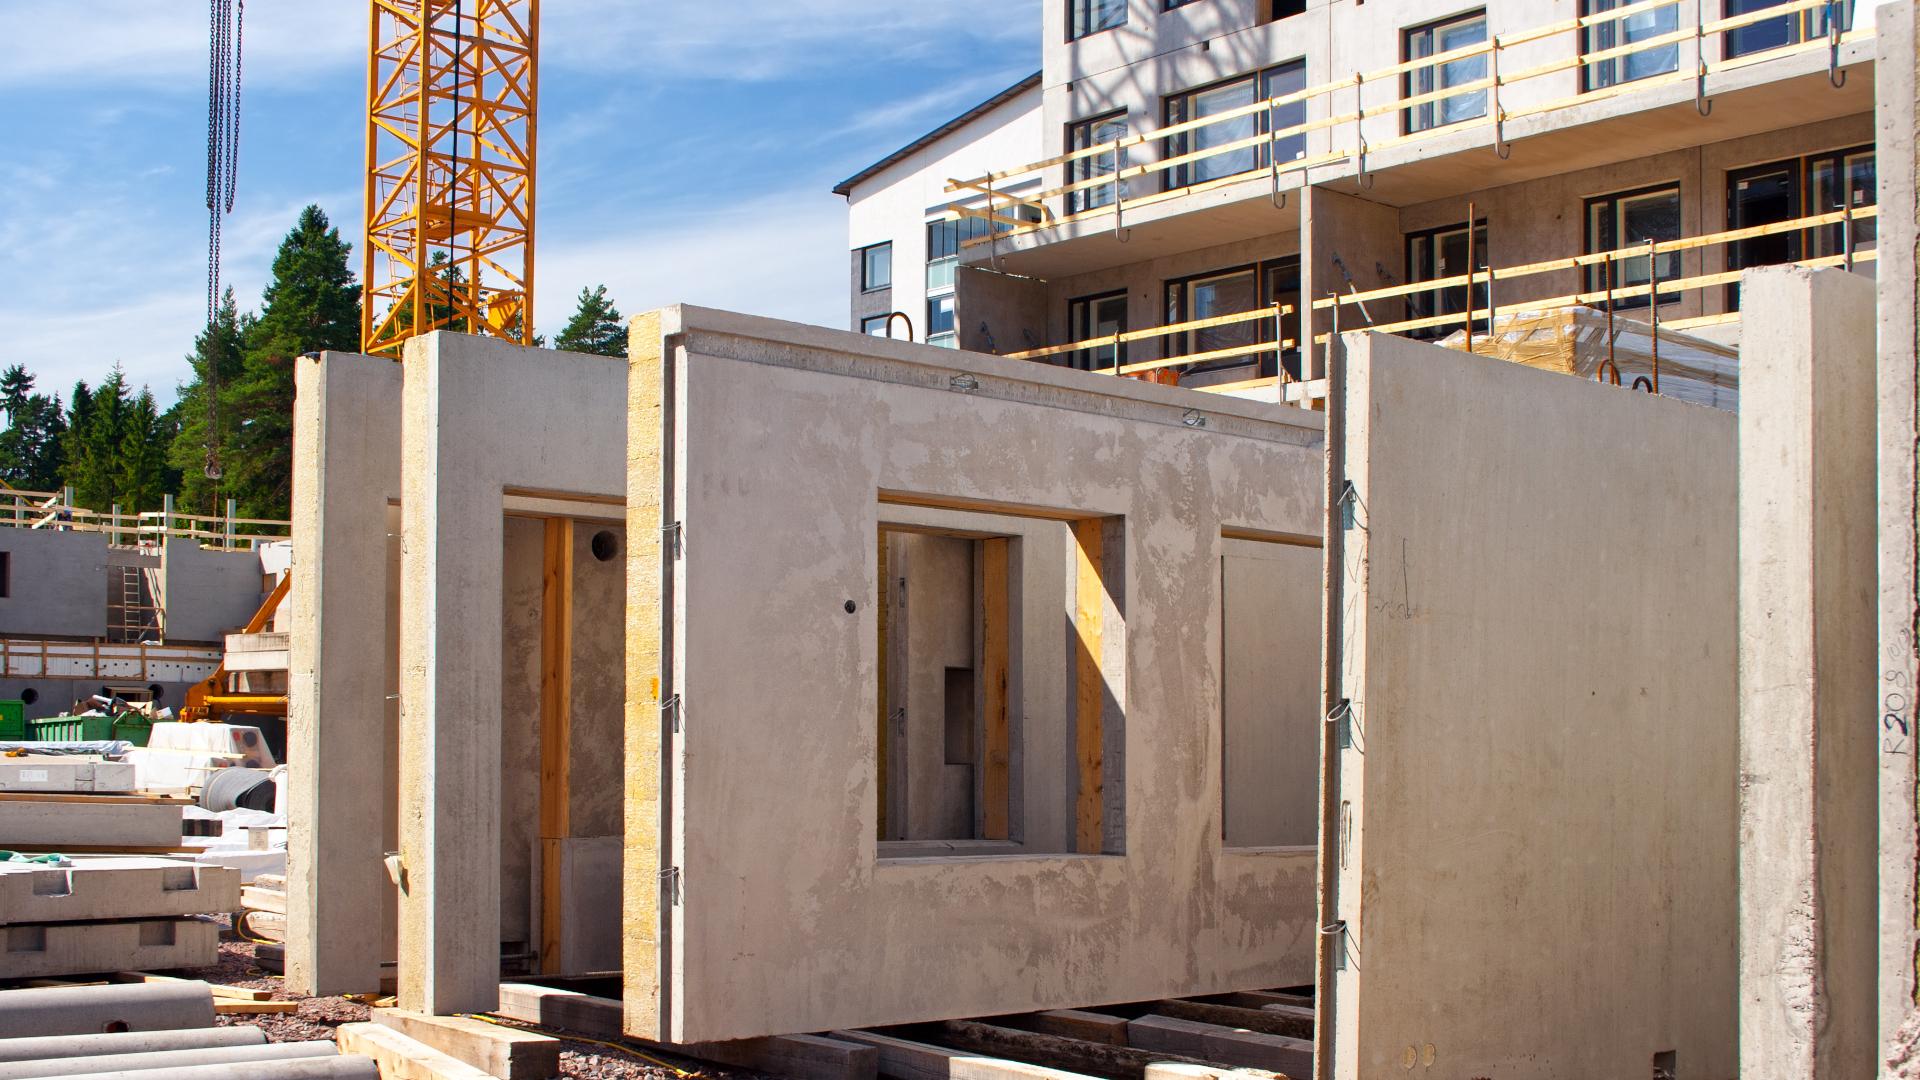 Rakennusmateriaalien kiertotaloutta pyritään tuomaan uudistuksessa osaksi rakentamisen ketjua